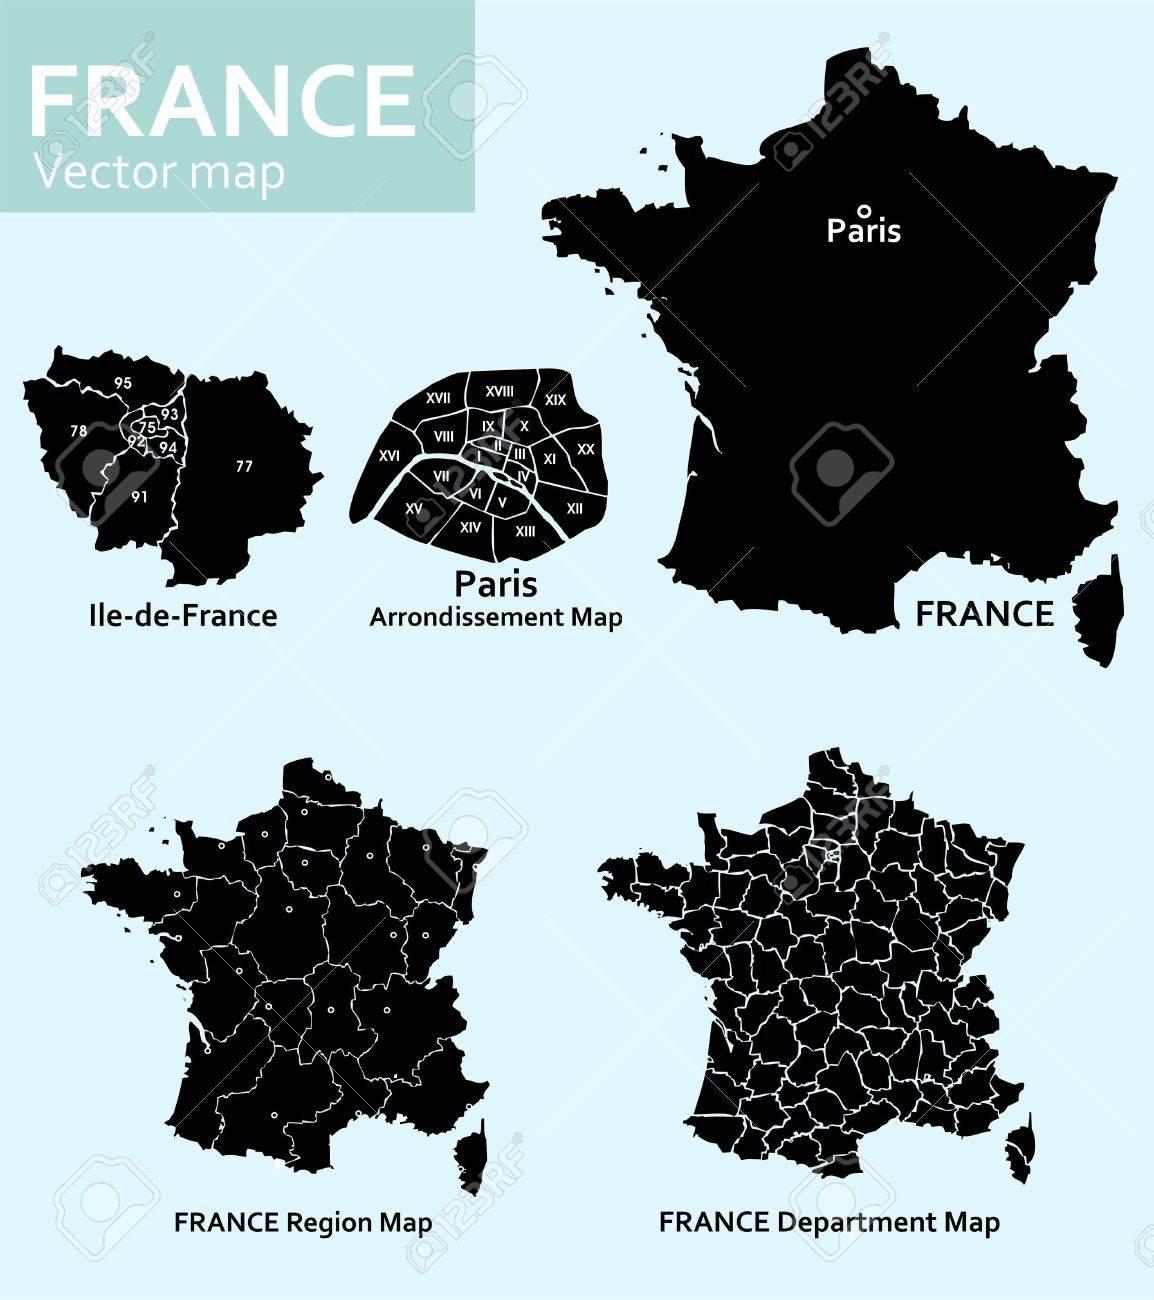 Cartes De France Avec Les Departements Les Regions Et Paris Clip Art Libres De Droits Vecteurs Et Illustration Image 29880122